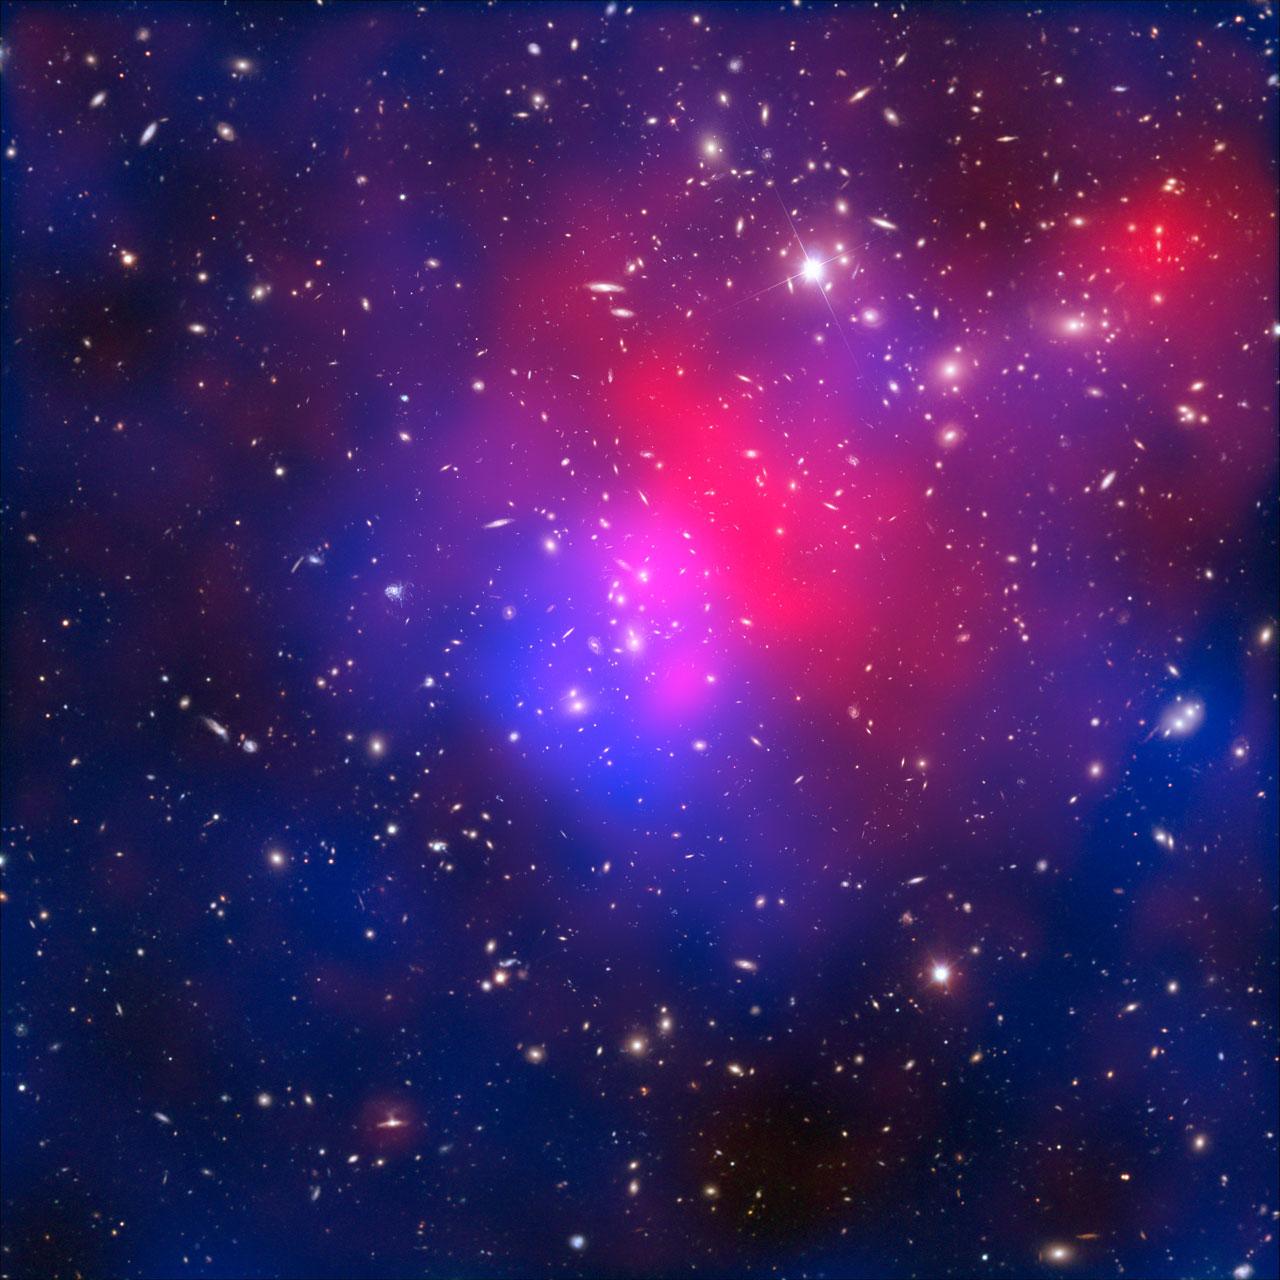 72f6e66c17 Los astrónomos creen que Abell 2744 se formó a partir de la colisión  simultánea de al menos cuatro cúmulos individuales.